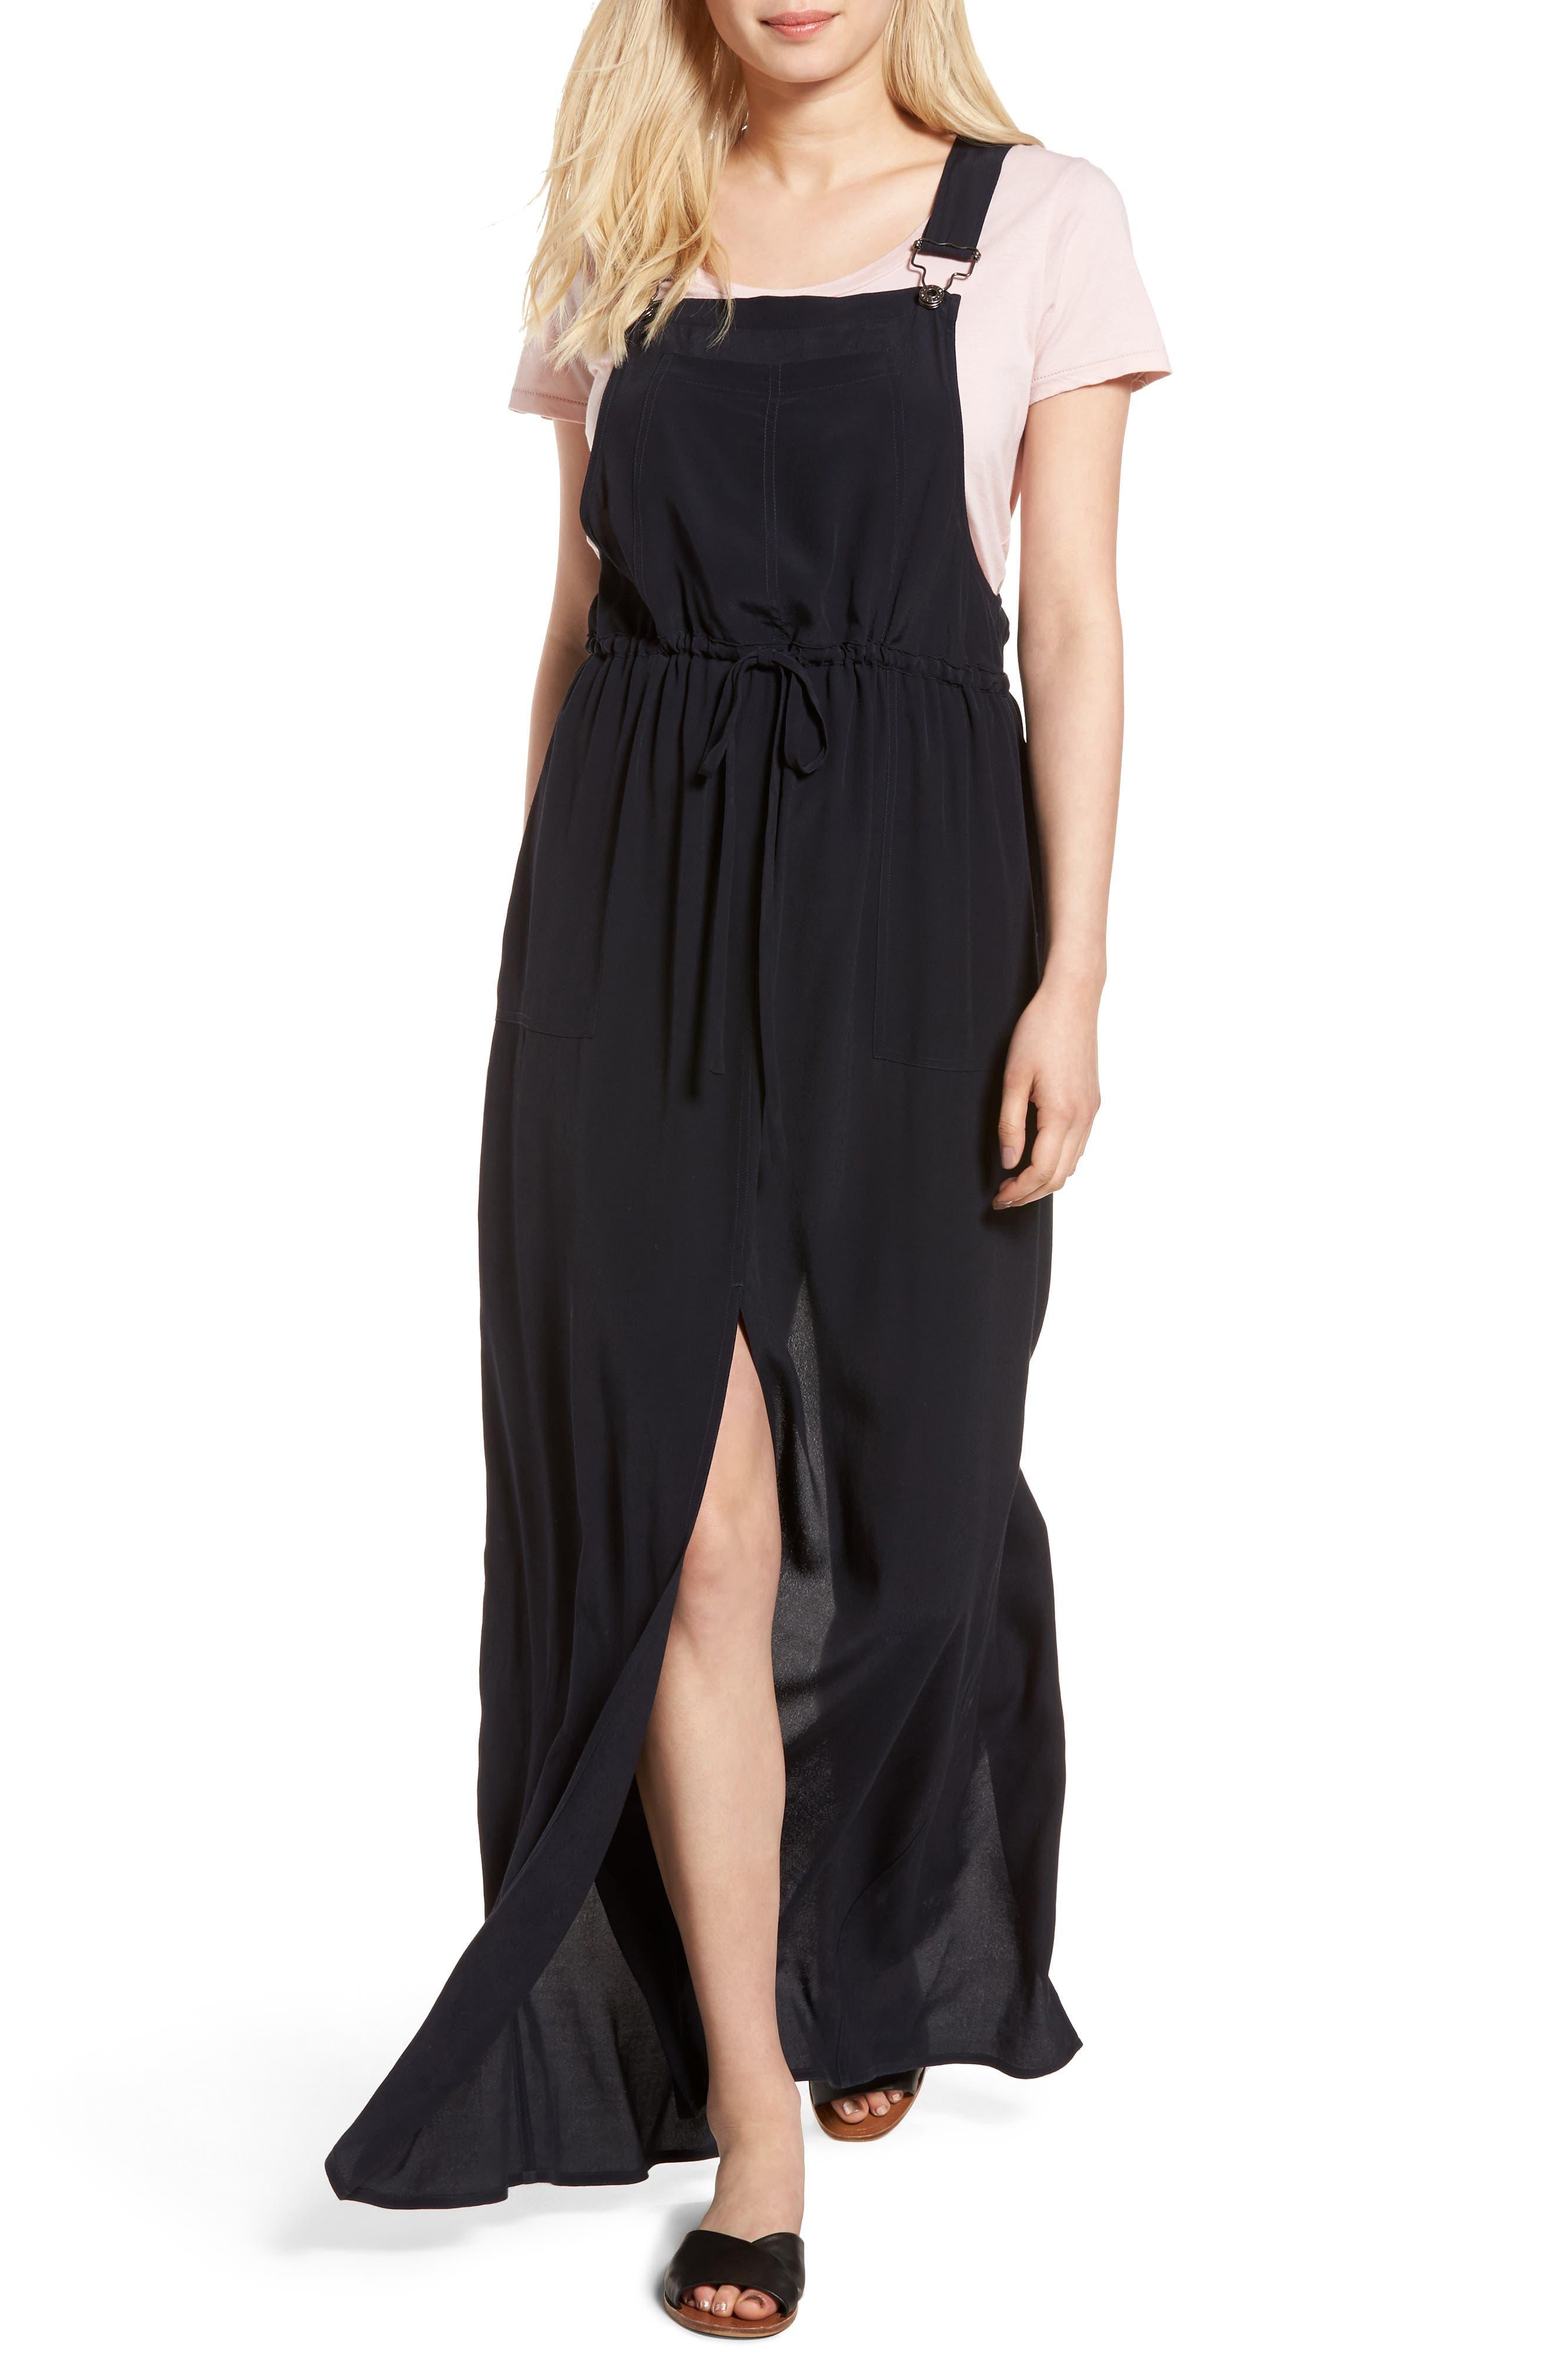 AG The Linnea Overall Dress